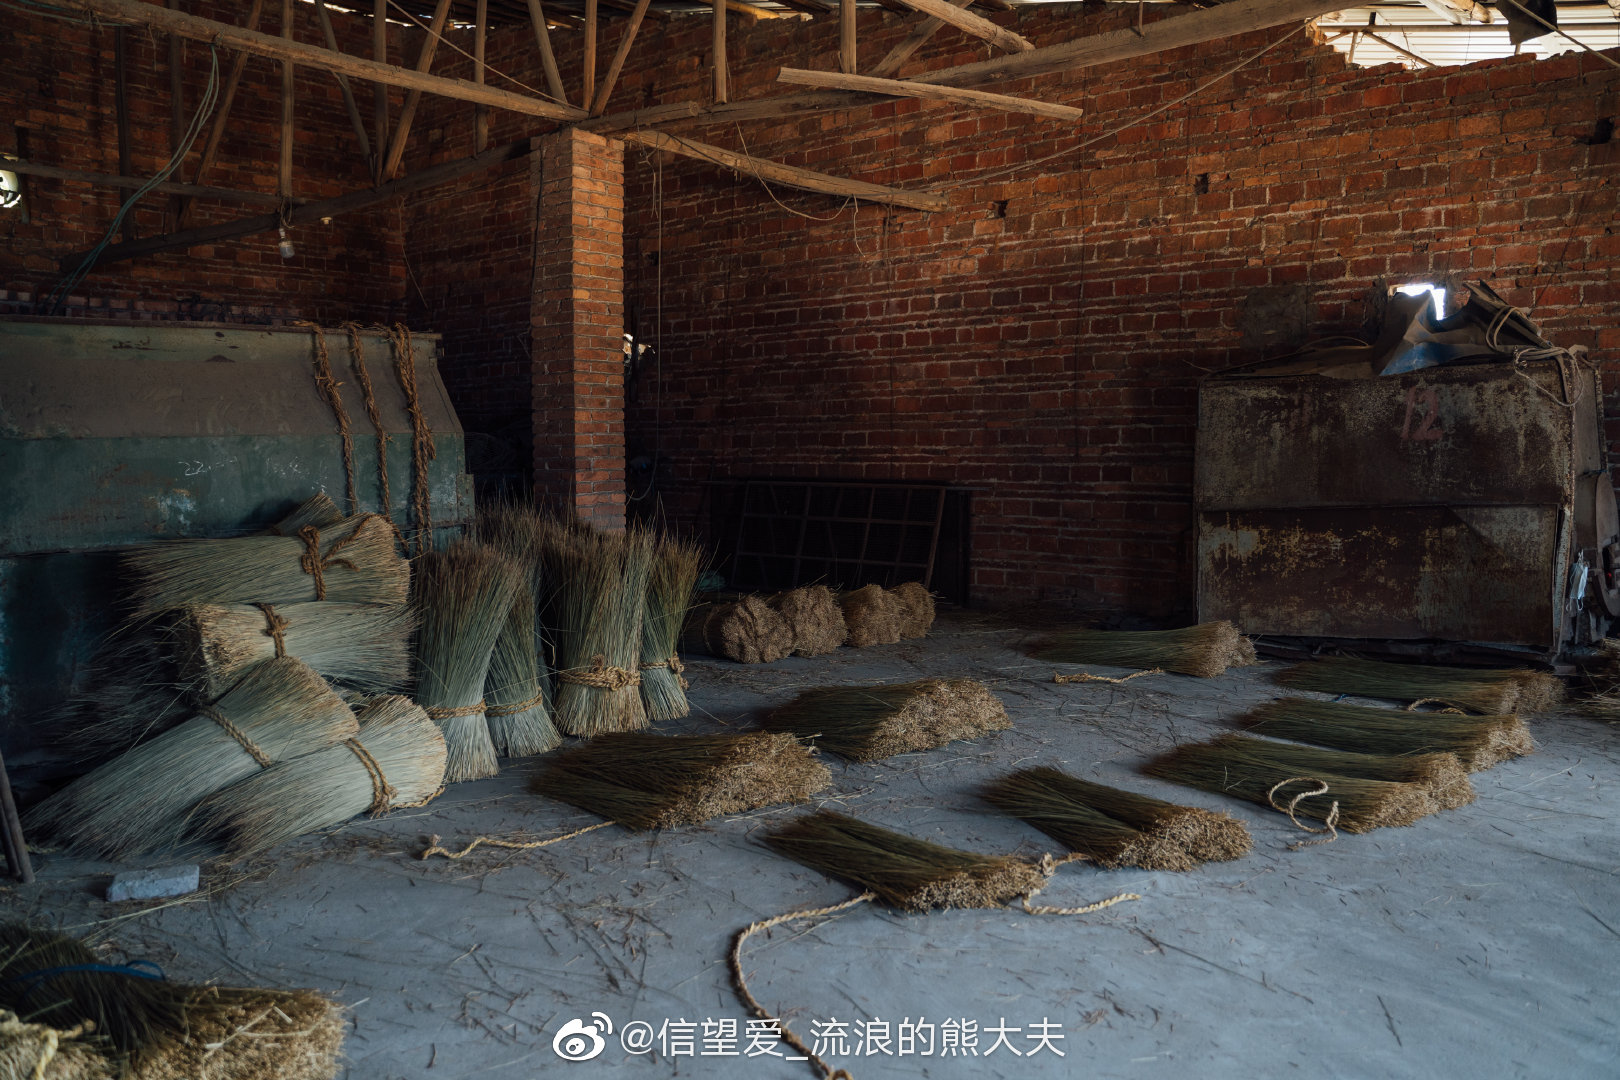 赣州兴国县之行的第三天,拍摄了当地的草席厂。@微博摄影 @微相册